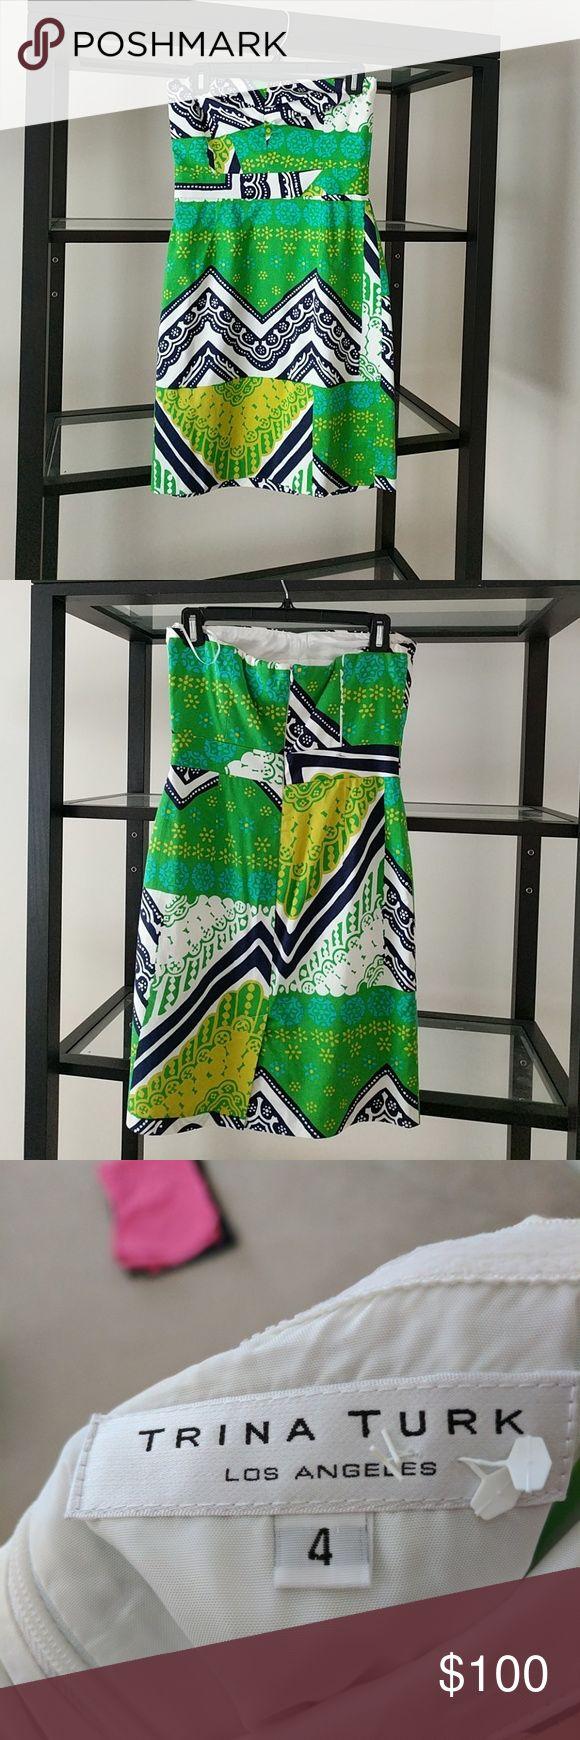 Trina Turk Dress Printed Strapless Dress Trina Turk Dresses Strapless